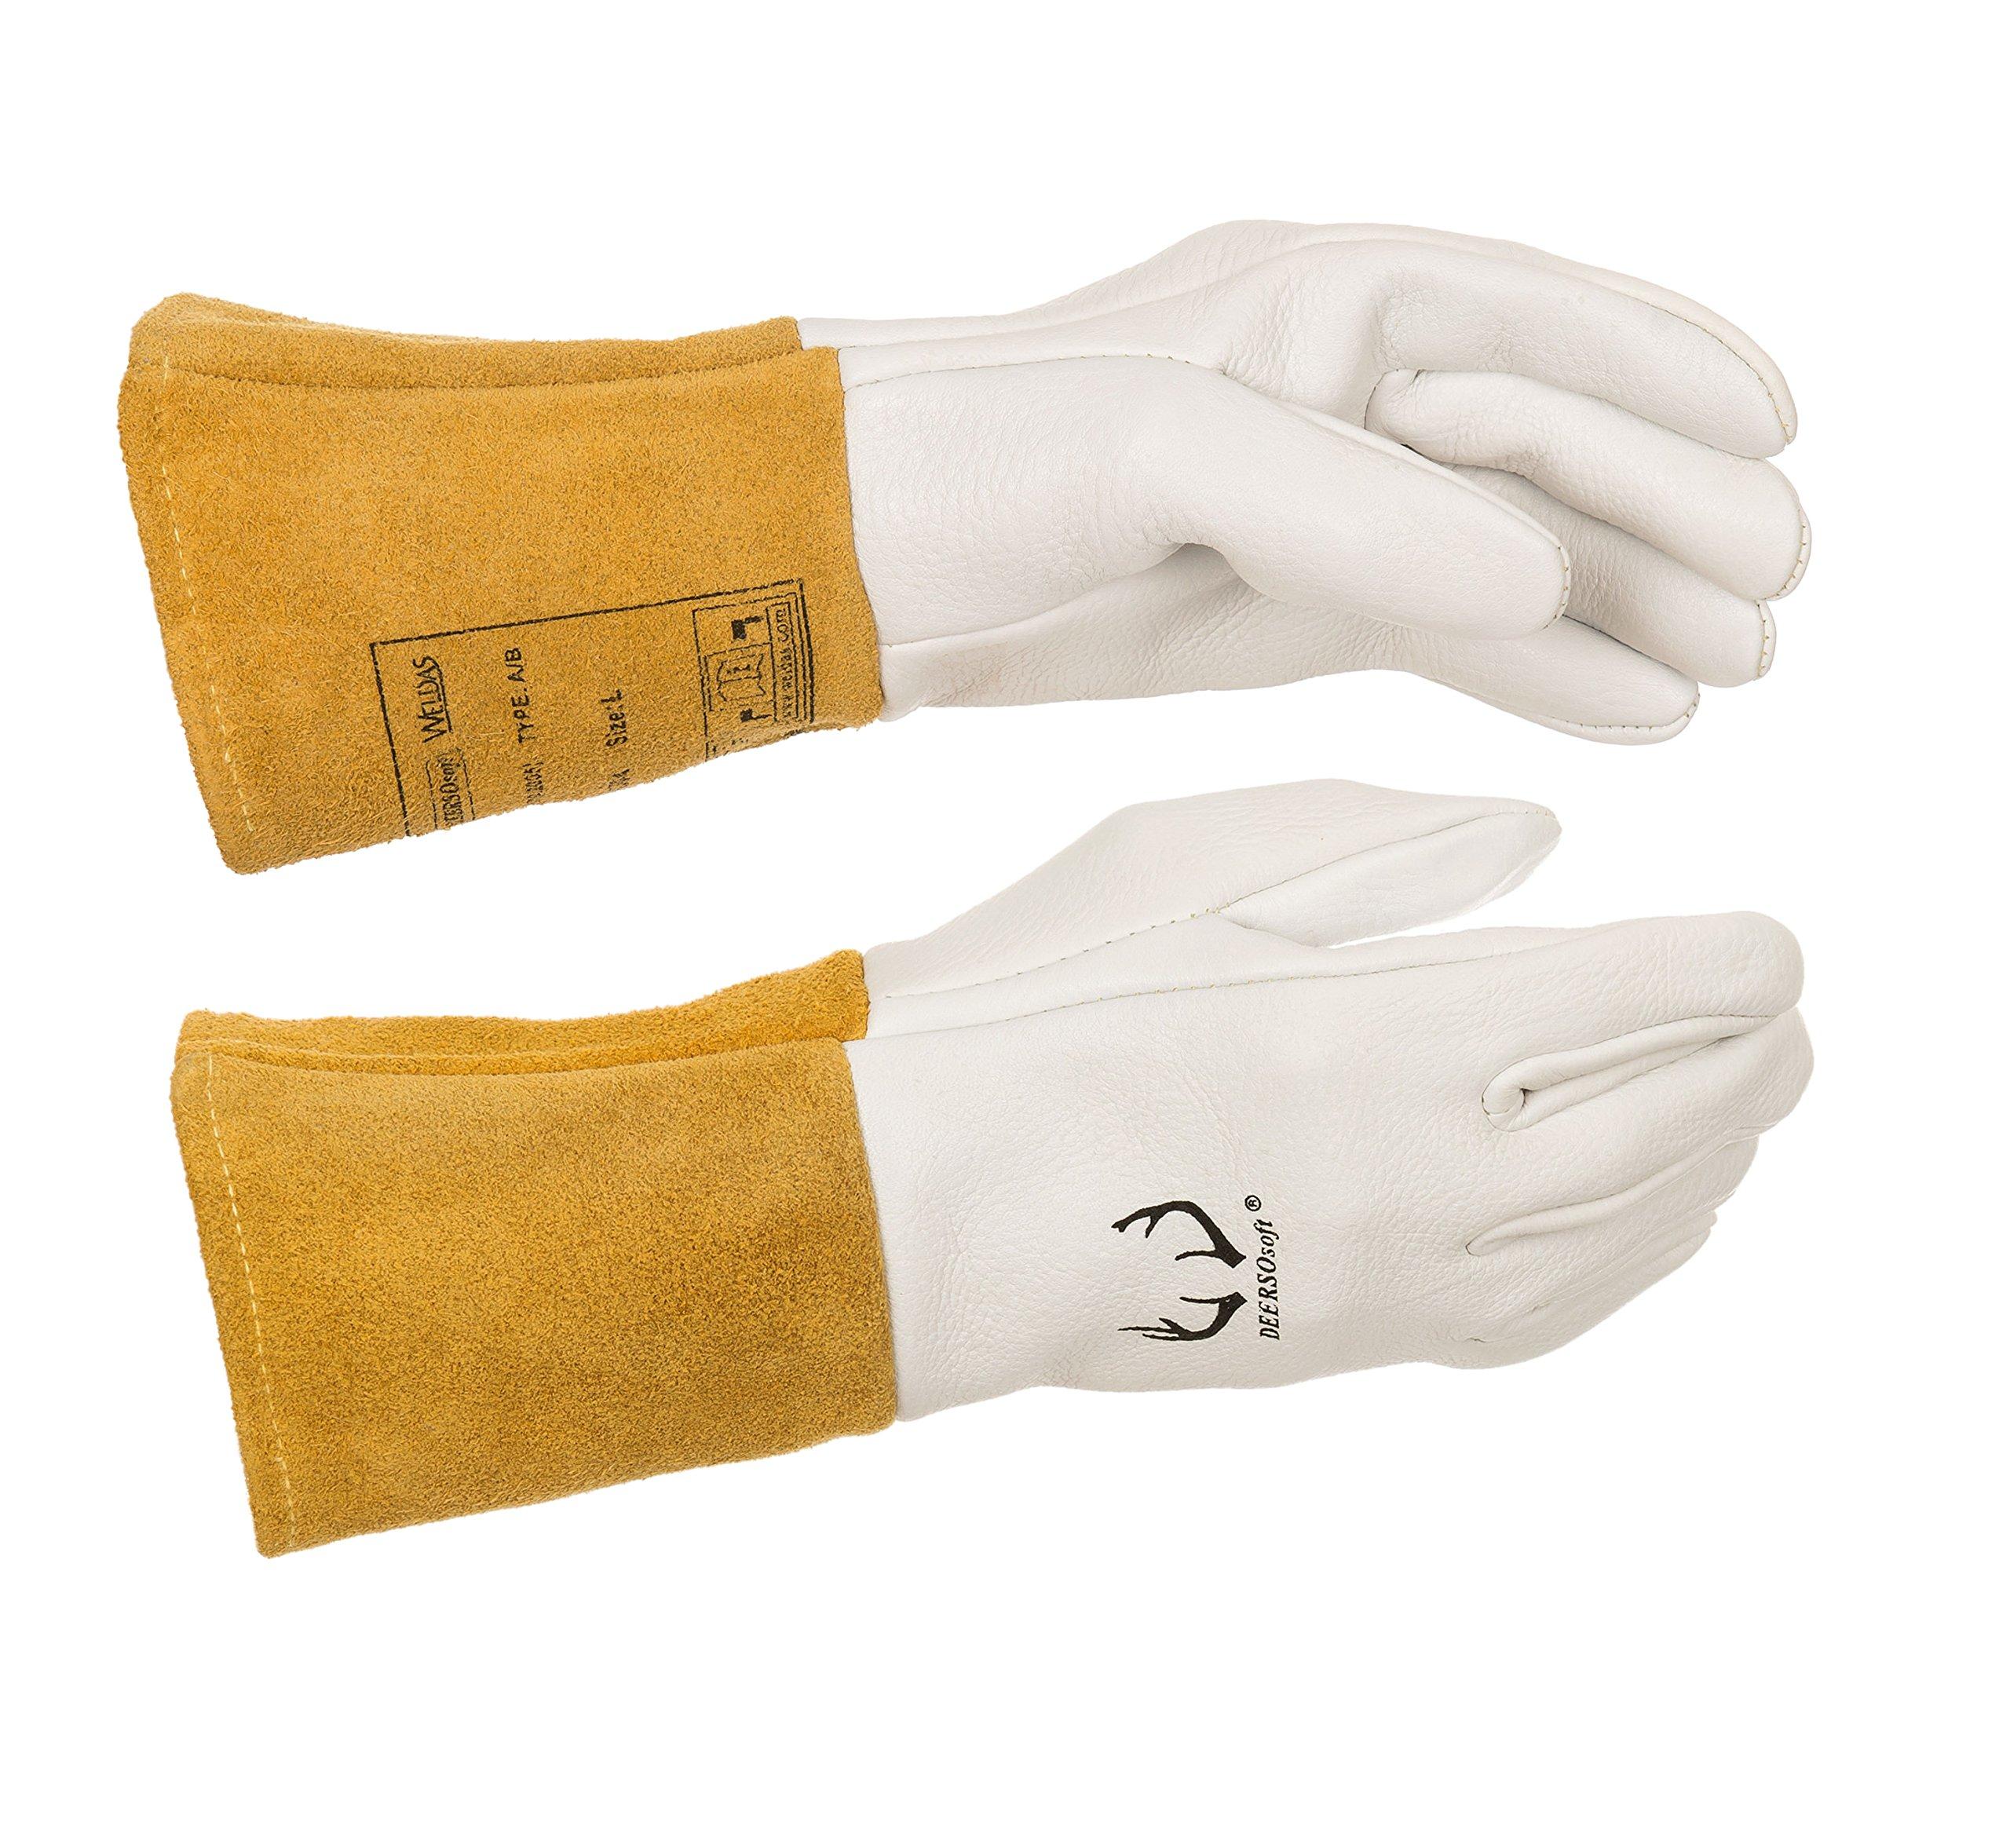 (4 PAIRS) Weldas DEERSOsoft Pearl Grain Deerskin, 4'' Cowhide Cuff - Welding MIG/TIG Gloves - Kevlar Sewn - Size L by Weldas